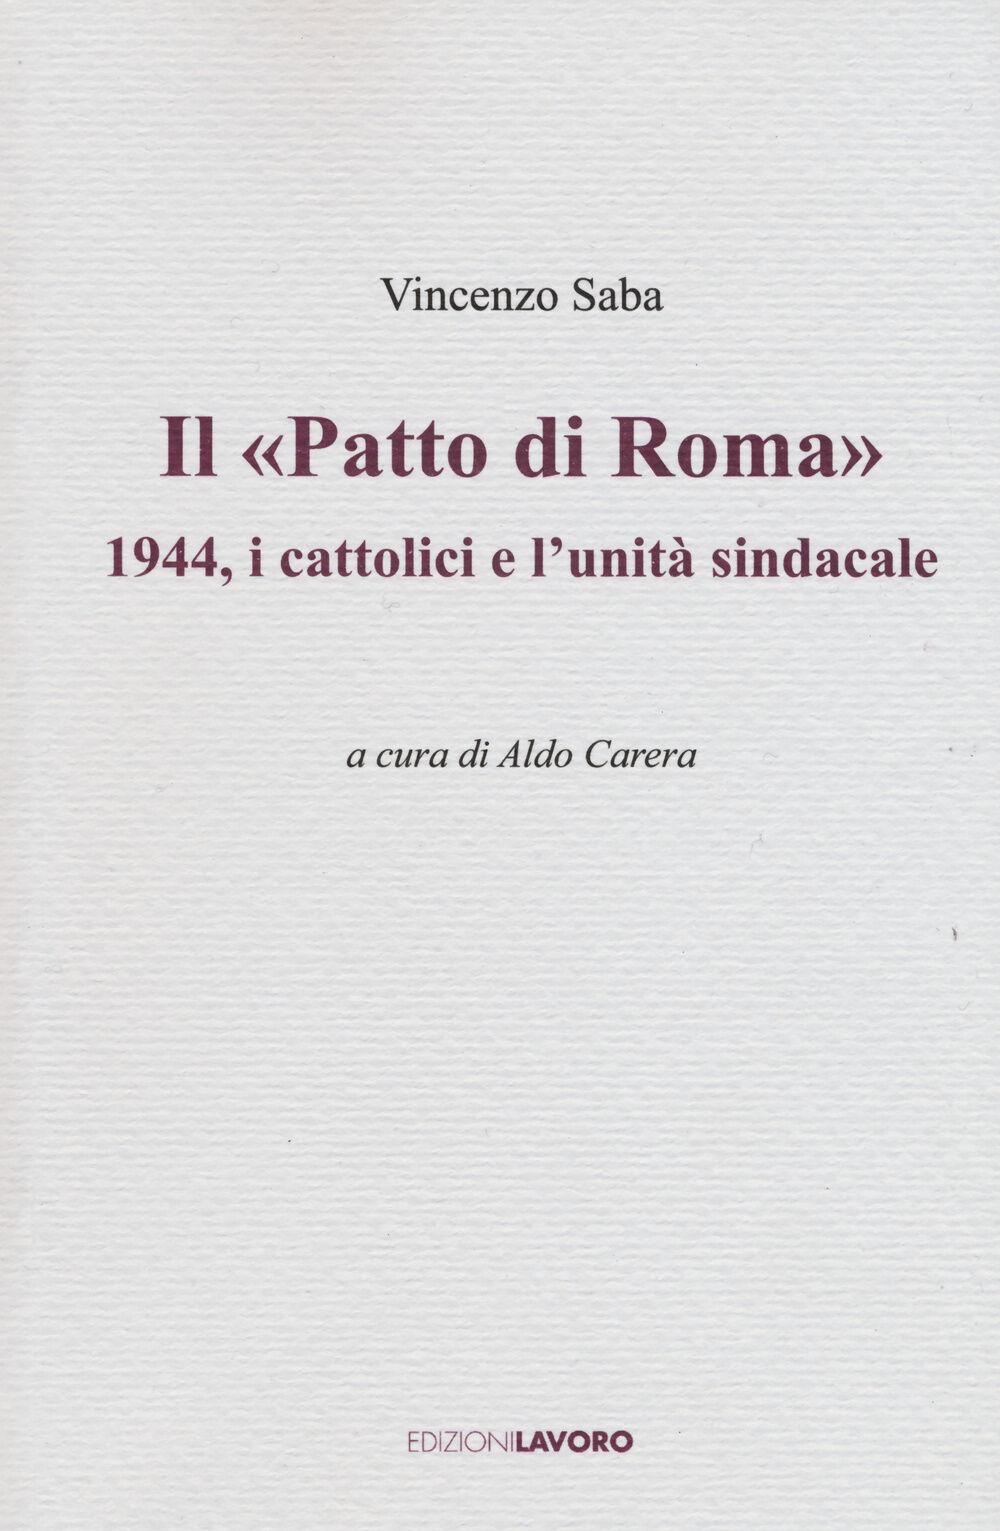 Il «Patto di Roma». 1944, i cattolici e l'unità sindacale